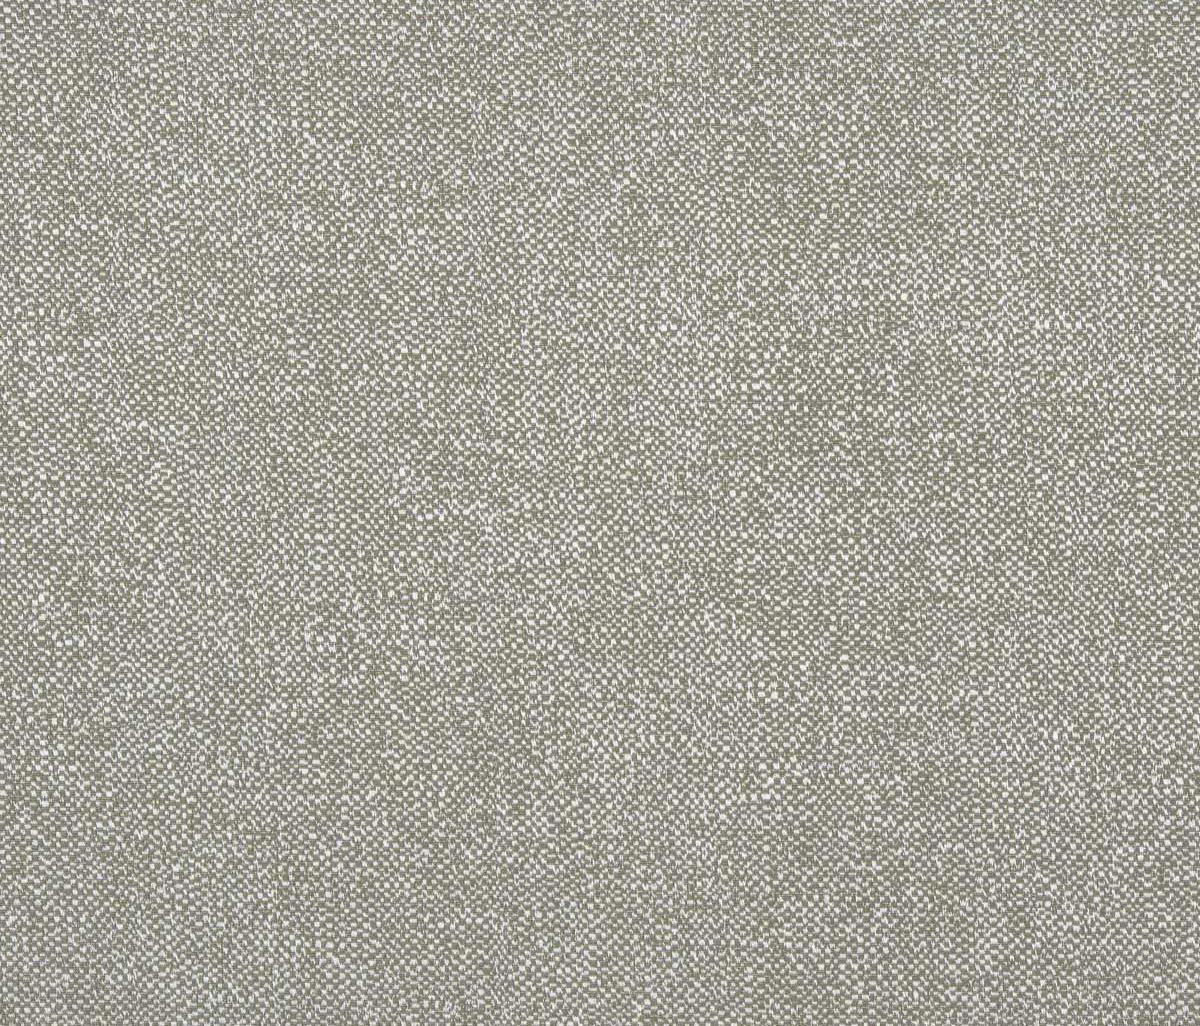 Needle 10690 02 Tissus De Decoration De Nobilis Architonic